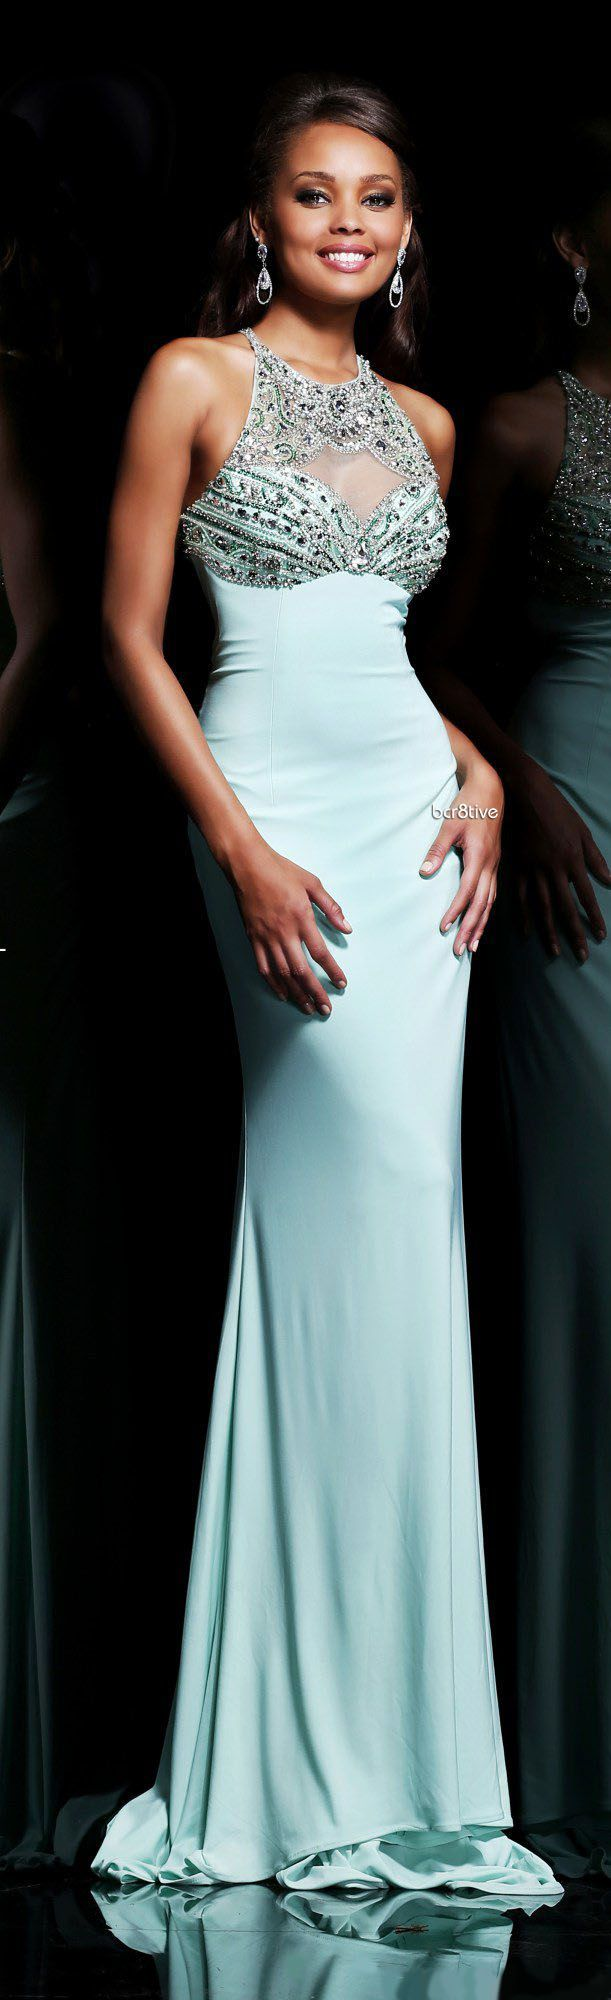 244 best Prom images on Pinterest | Formal dresses, Formal prom ...